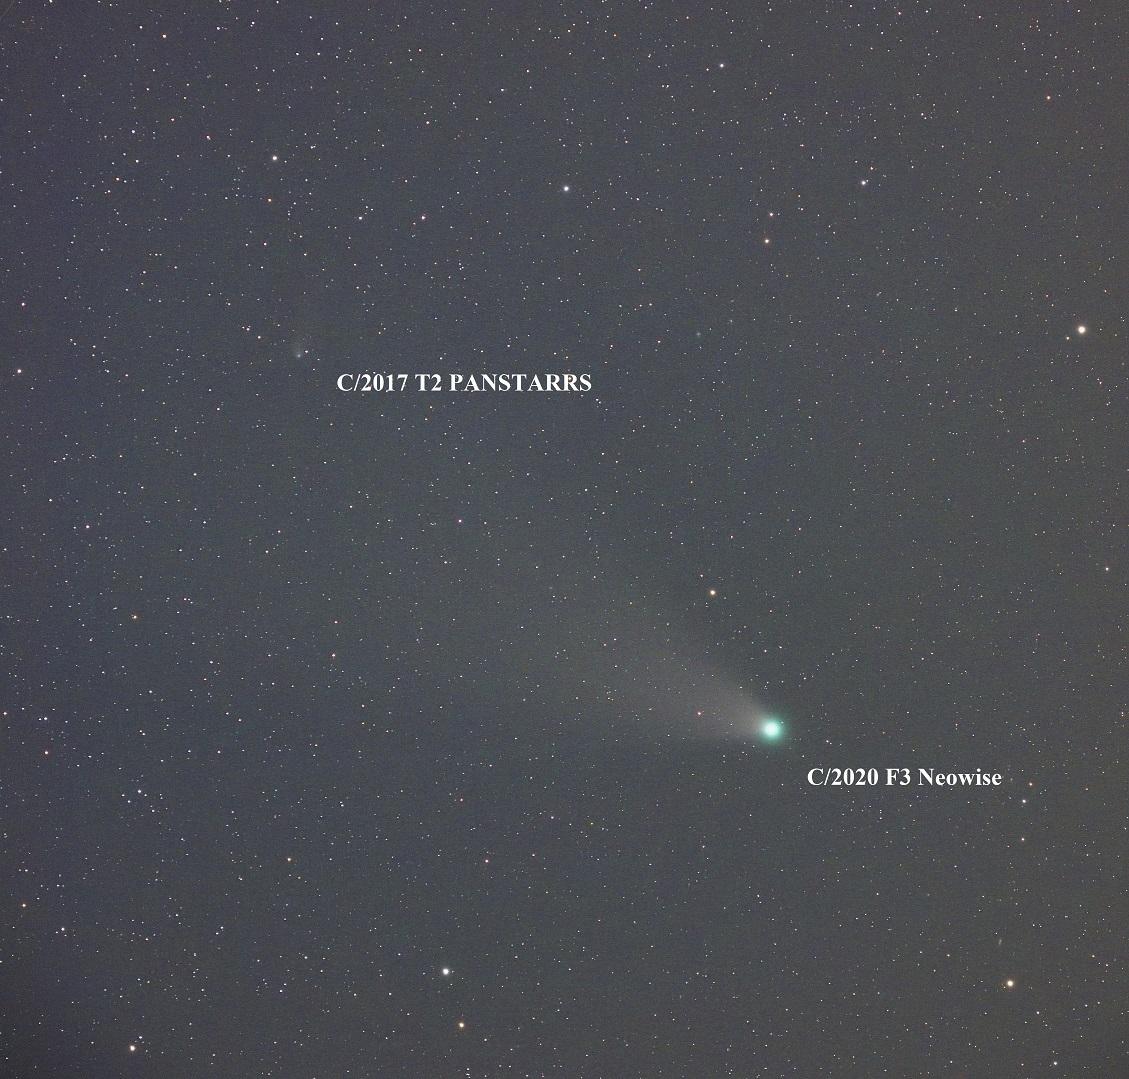 やっと撮影出来たNeowise彗星(C/2020 F3)_e0344621_06241107.jpg